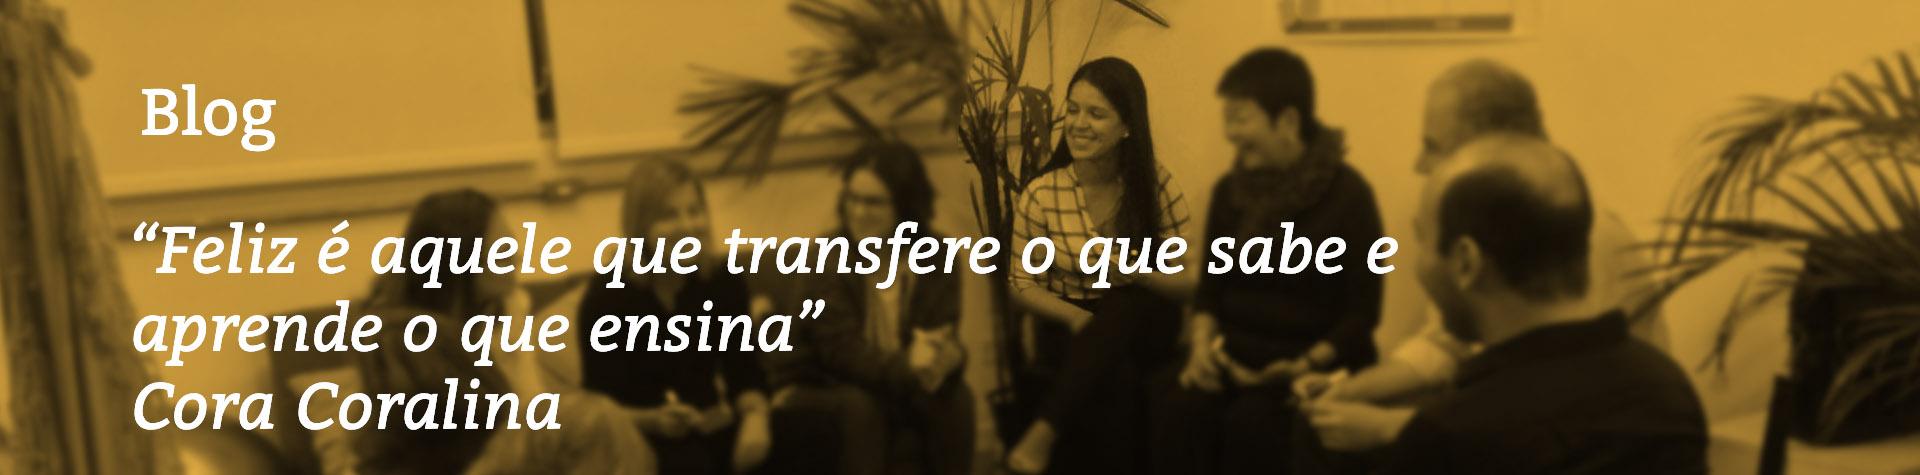 blog-tati-rocha-br